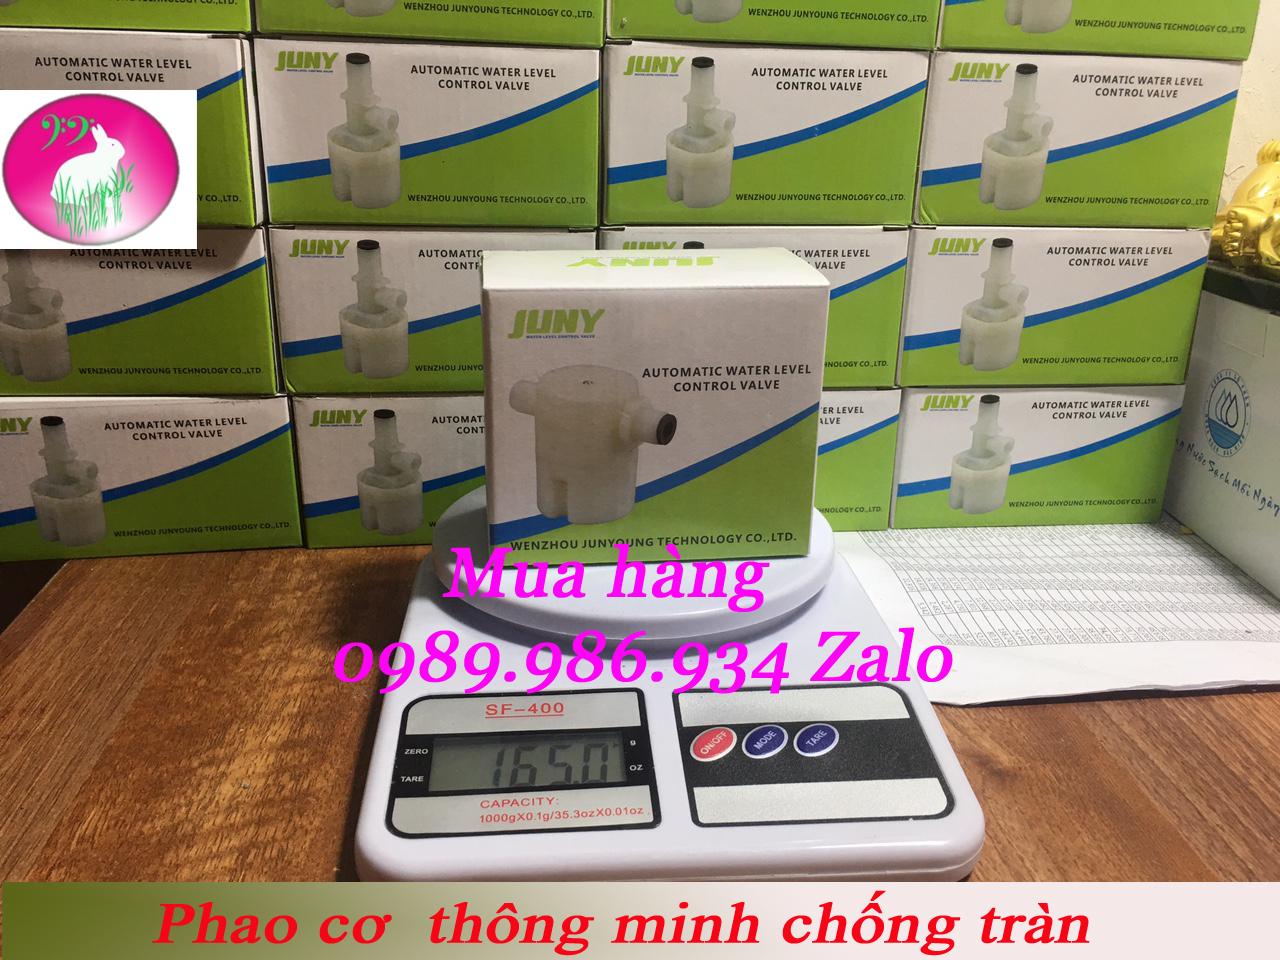 mang-uong-cho-ga-jpg.45037